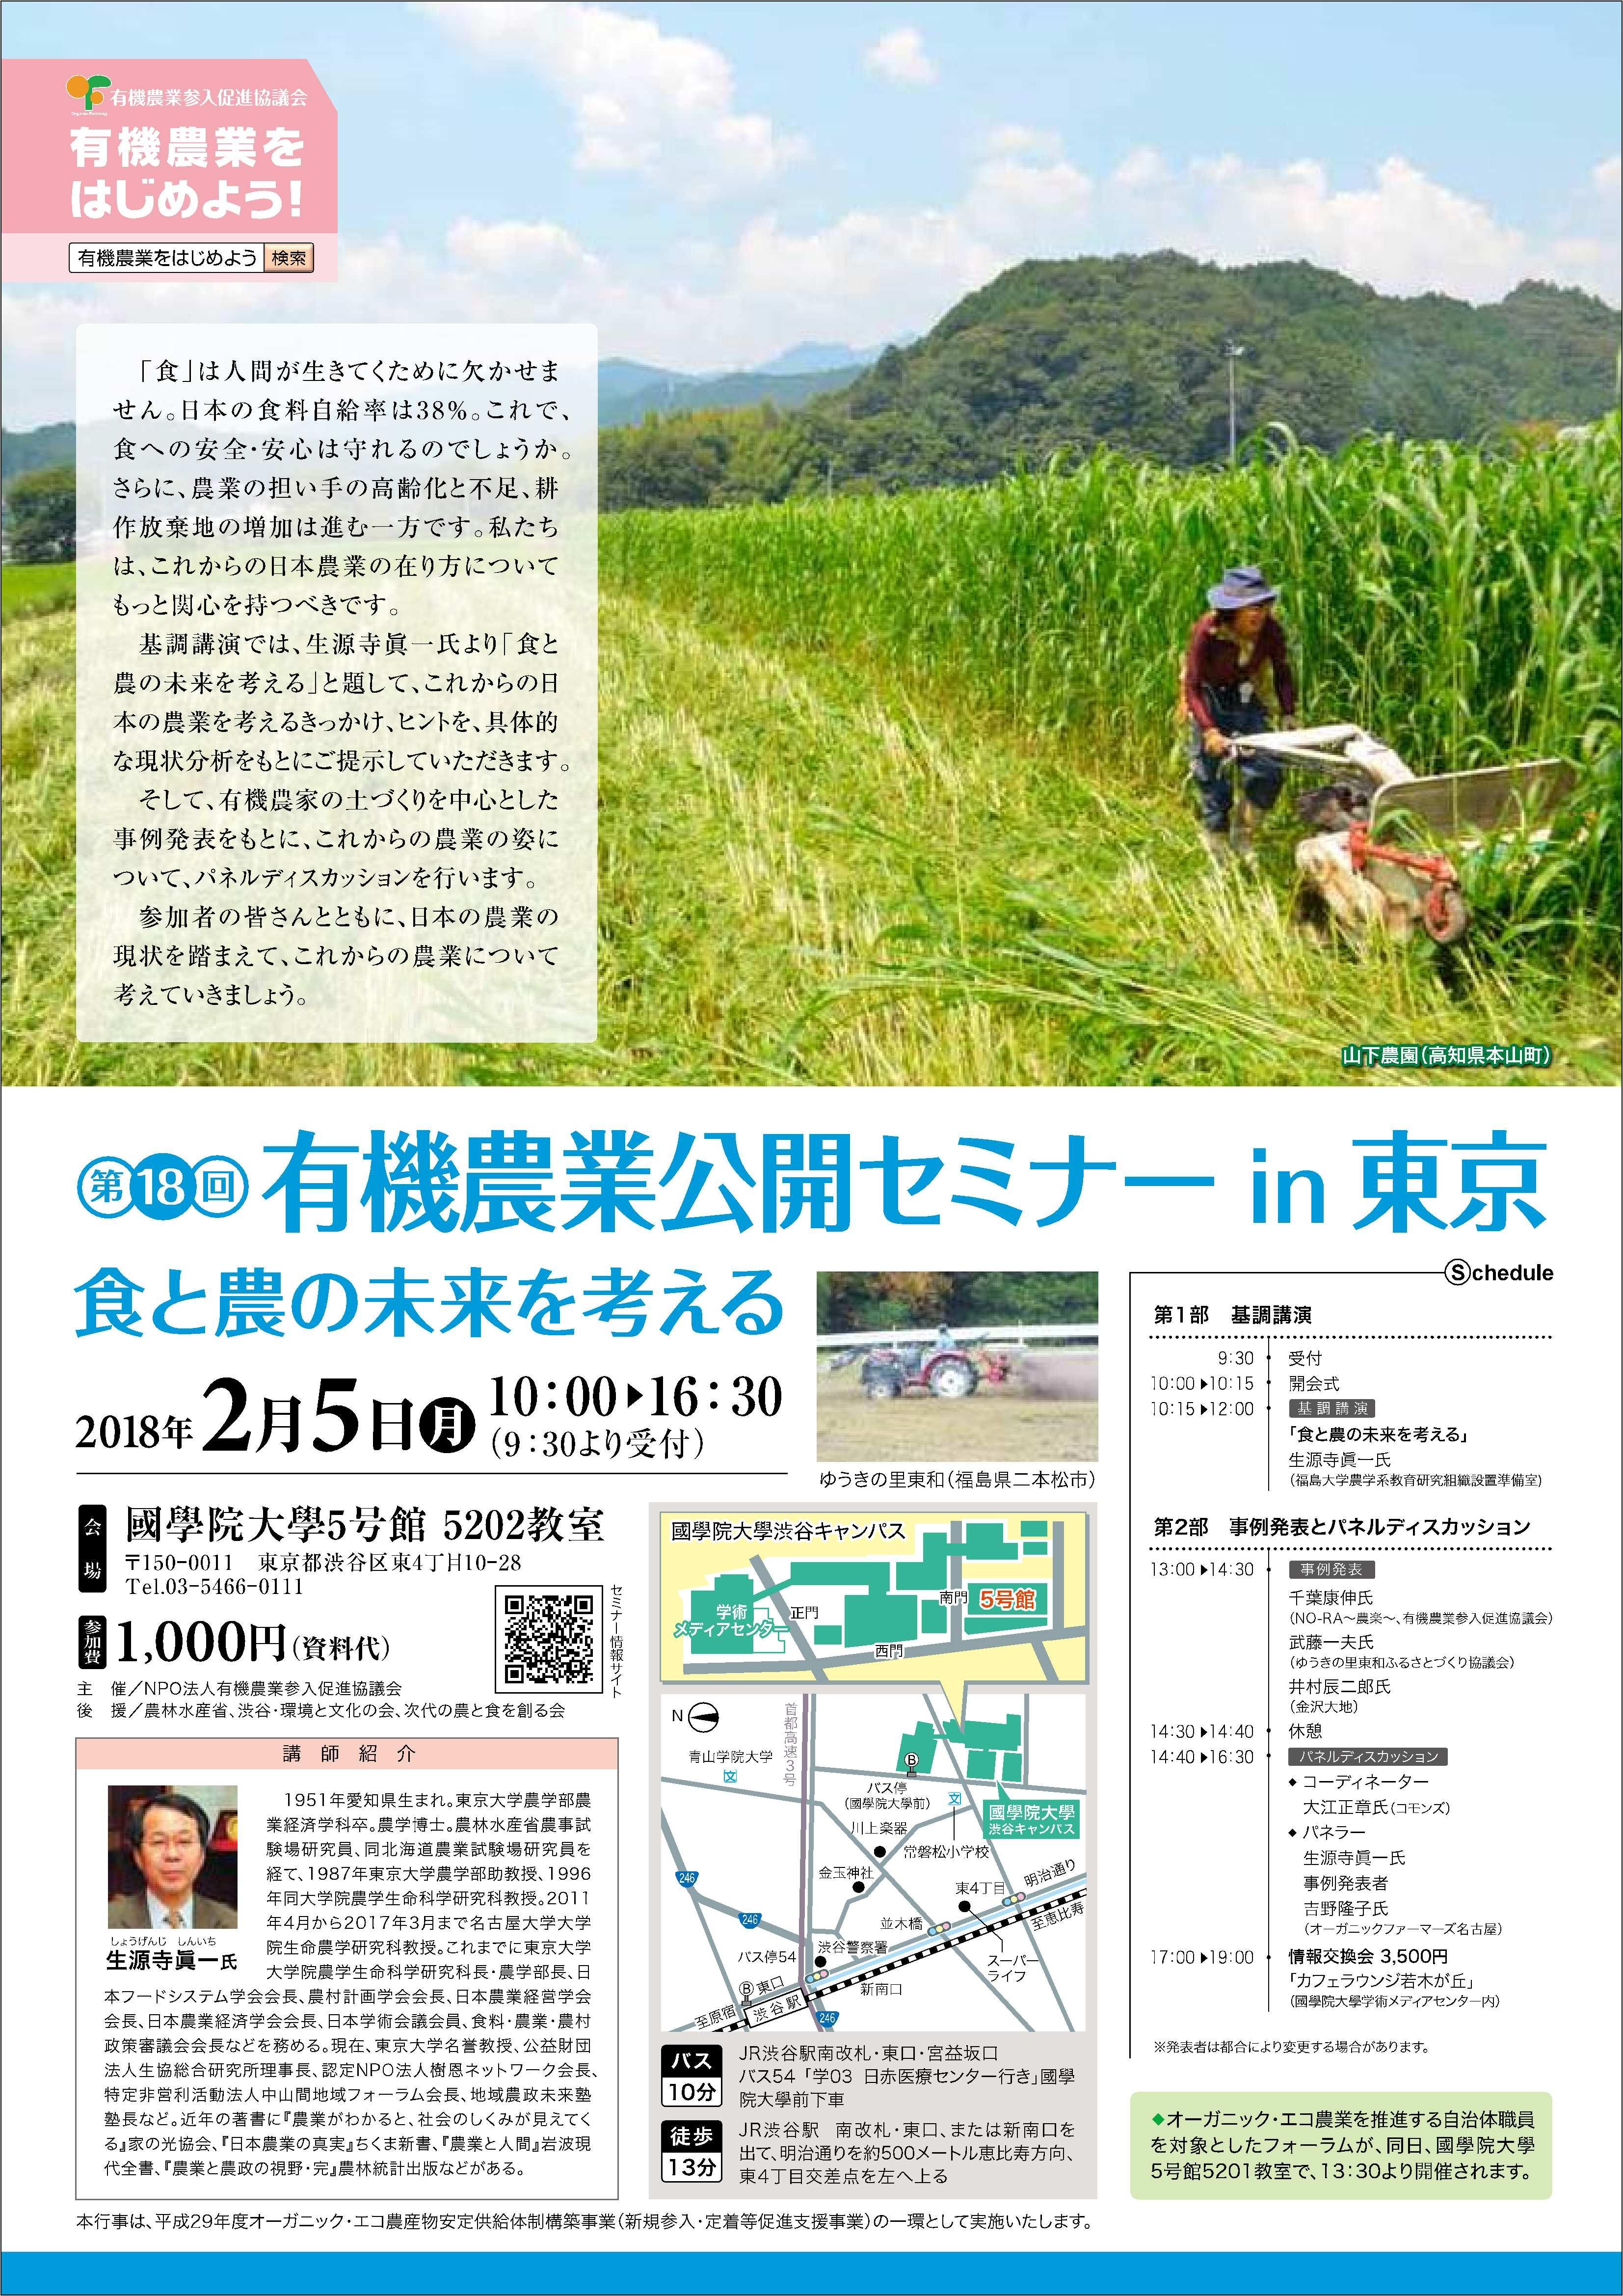 第18回有機農業公開セミナーin東京(2018)